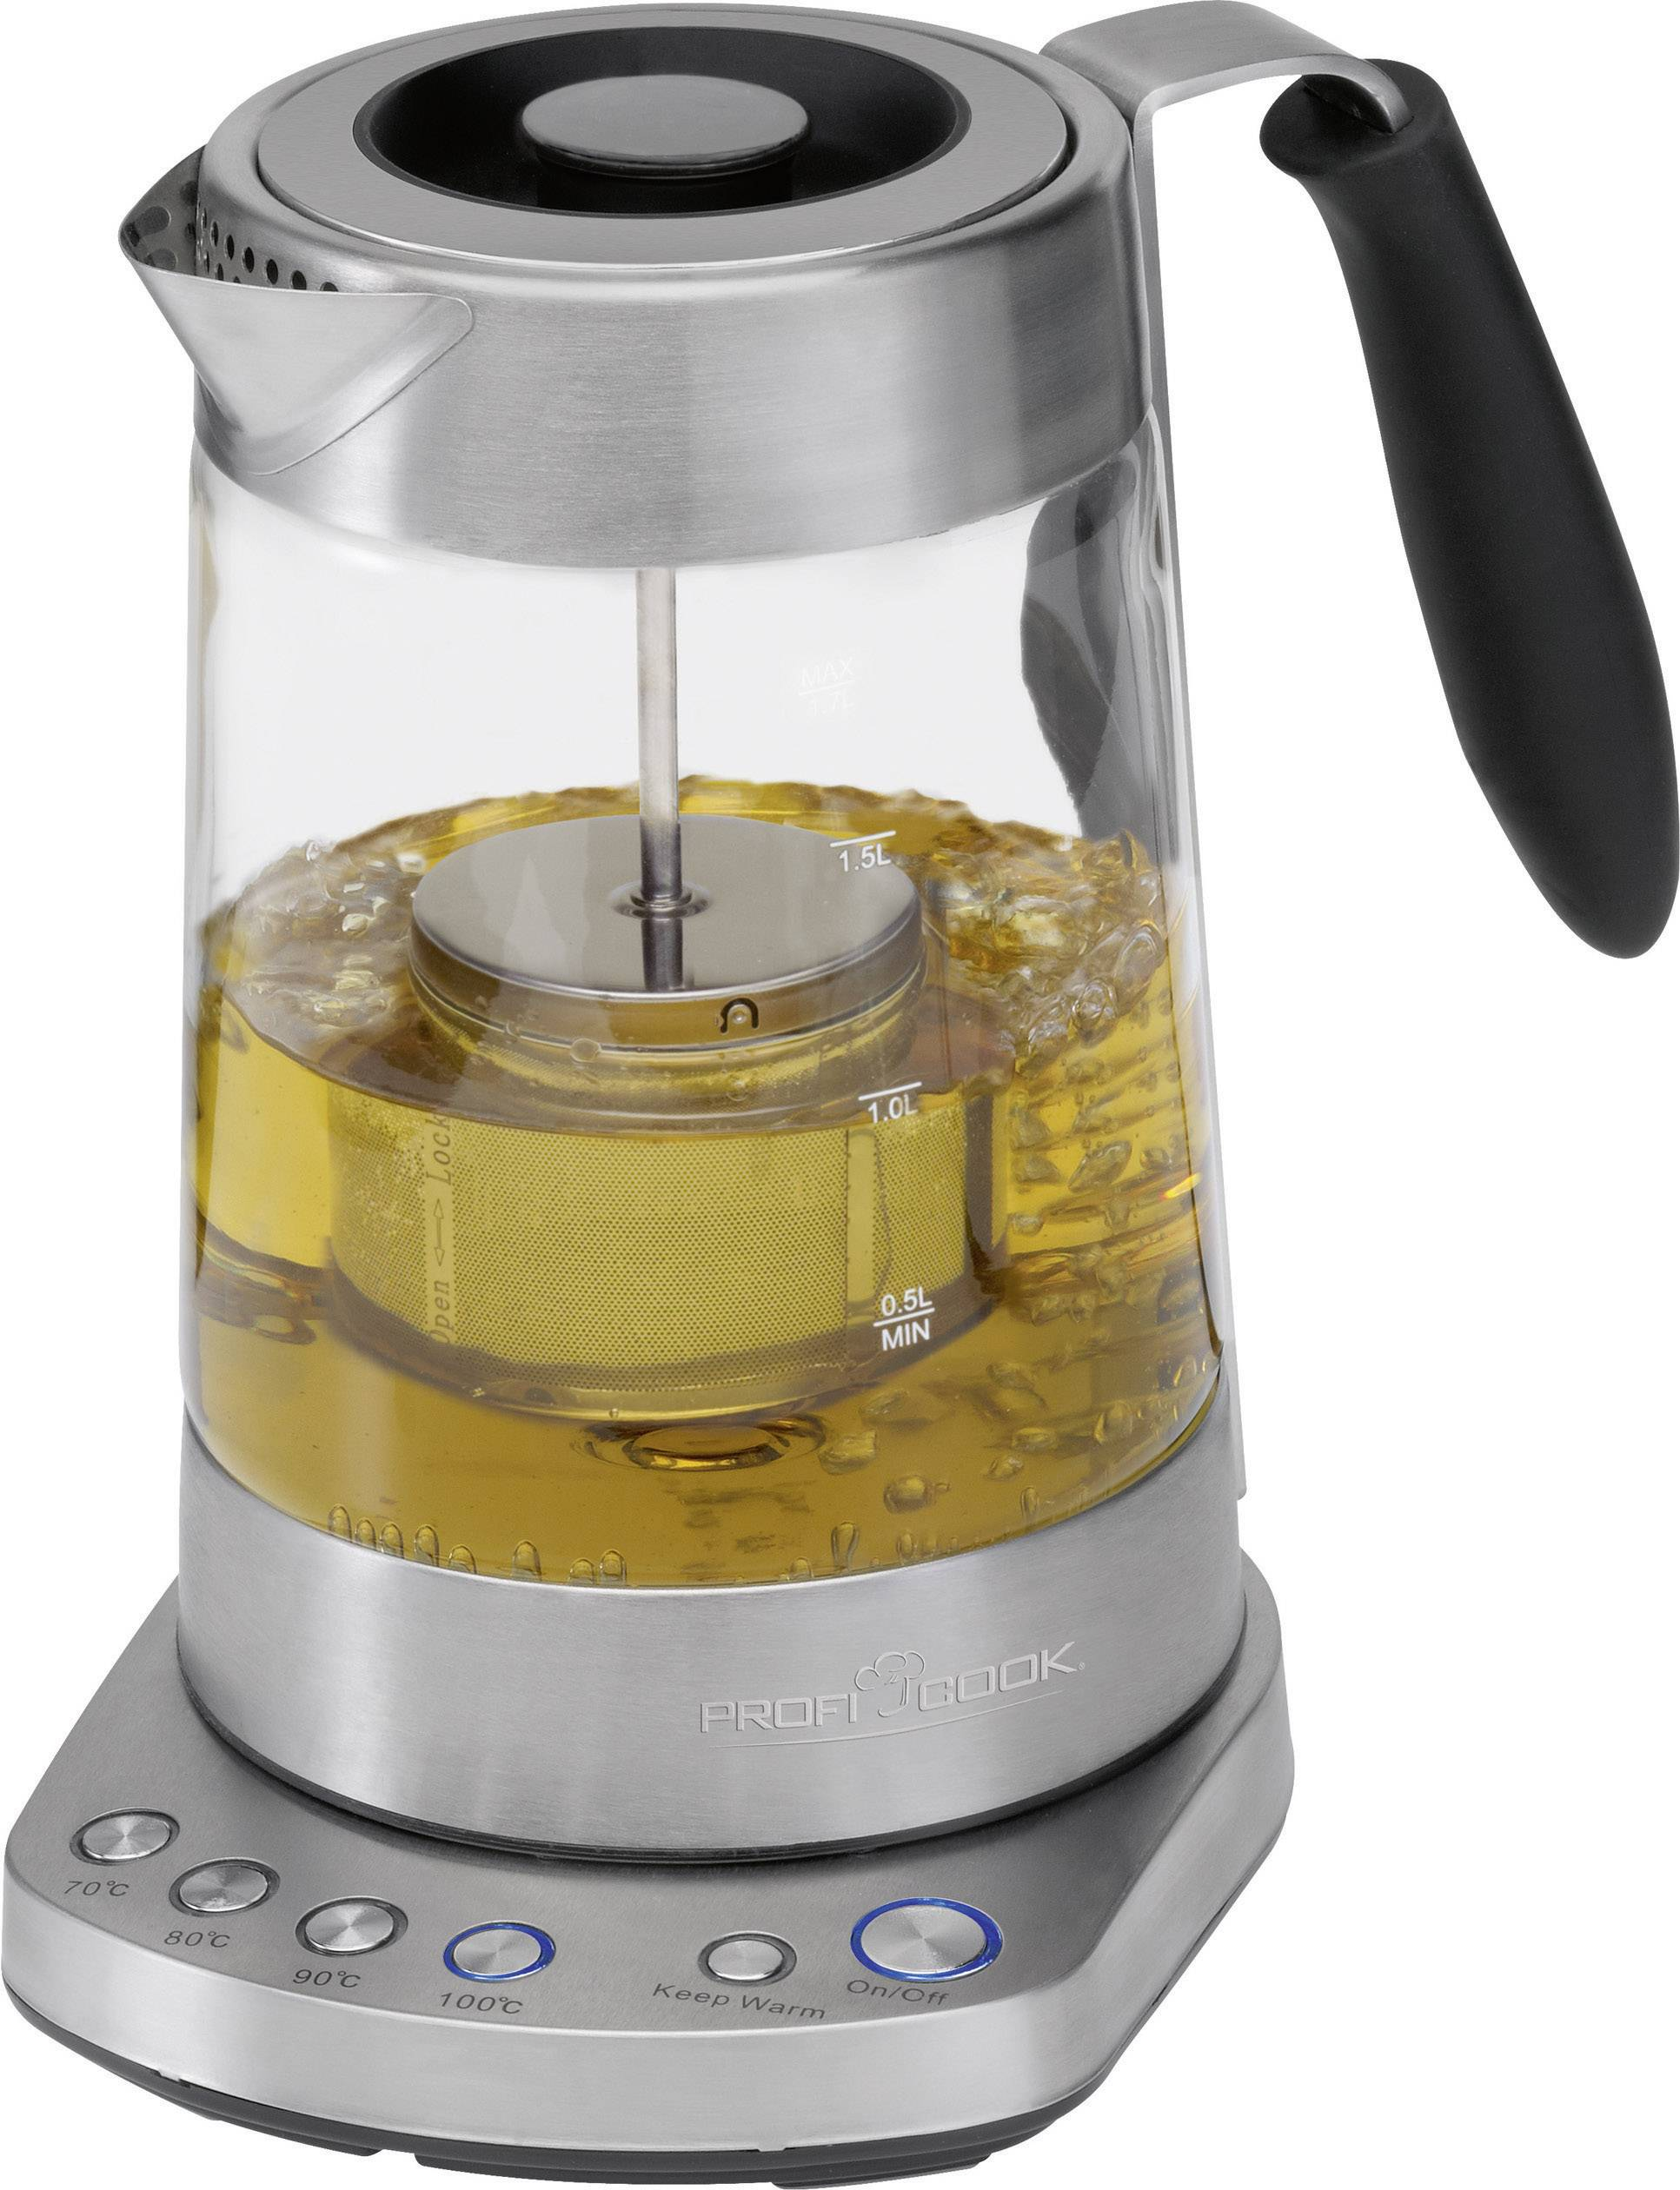 Rychlovarná konvice s čajovým sítkem a manuálním nastavením teploty Profi Cook PC-WKS